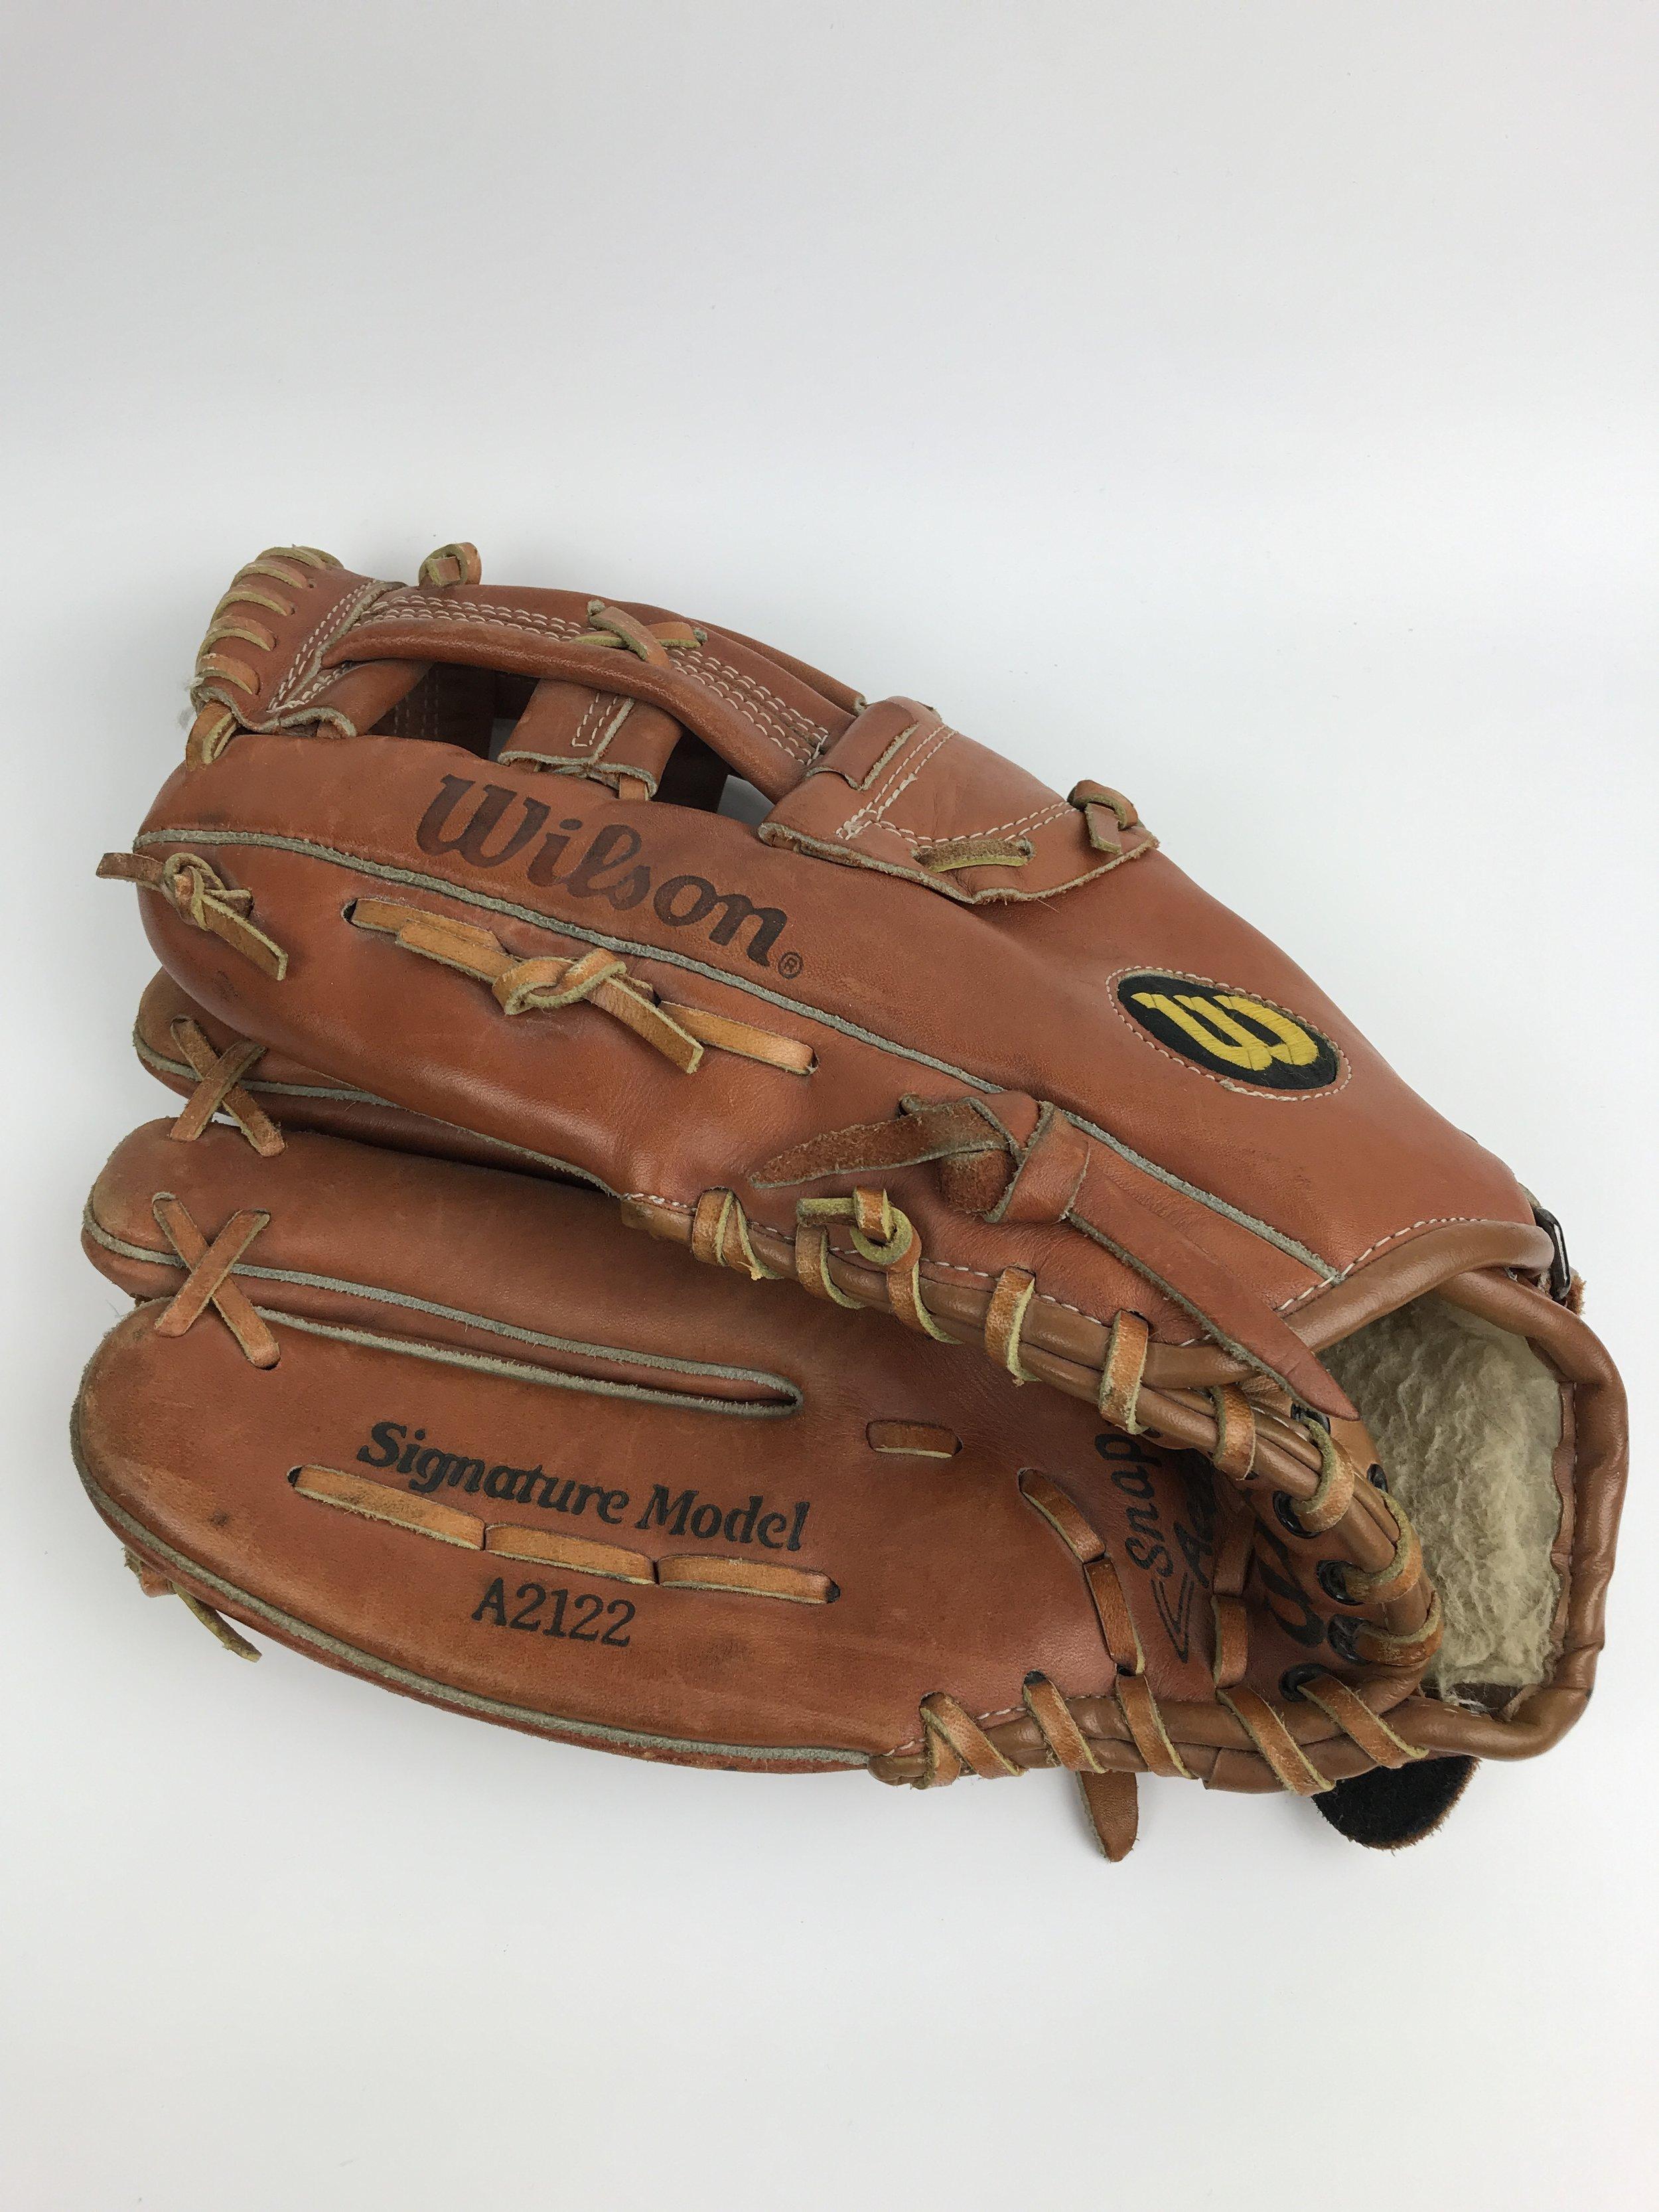 Wilson lefty glove